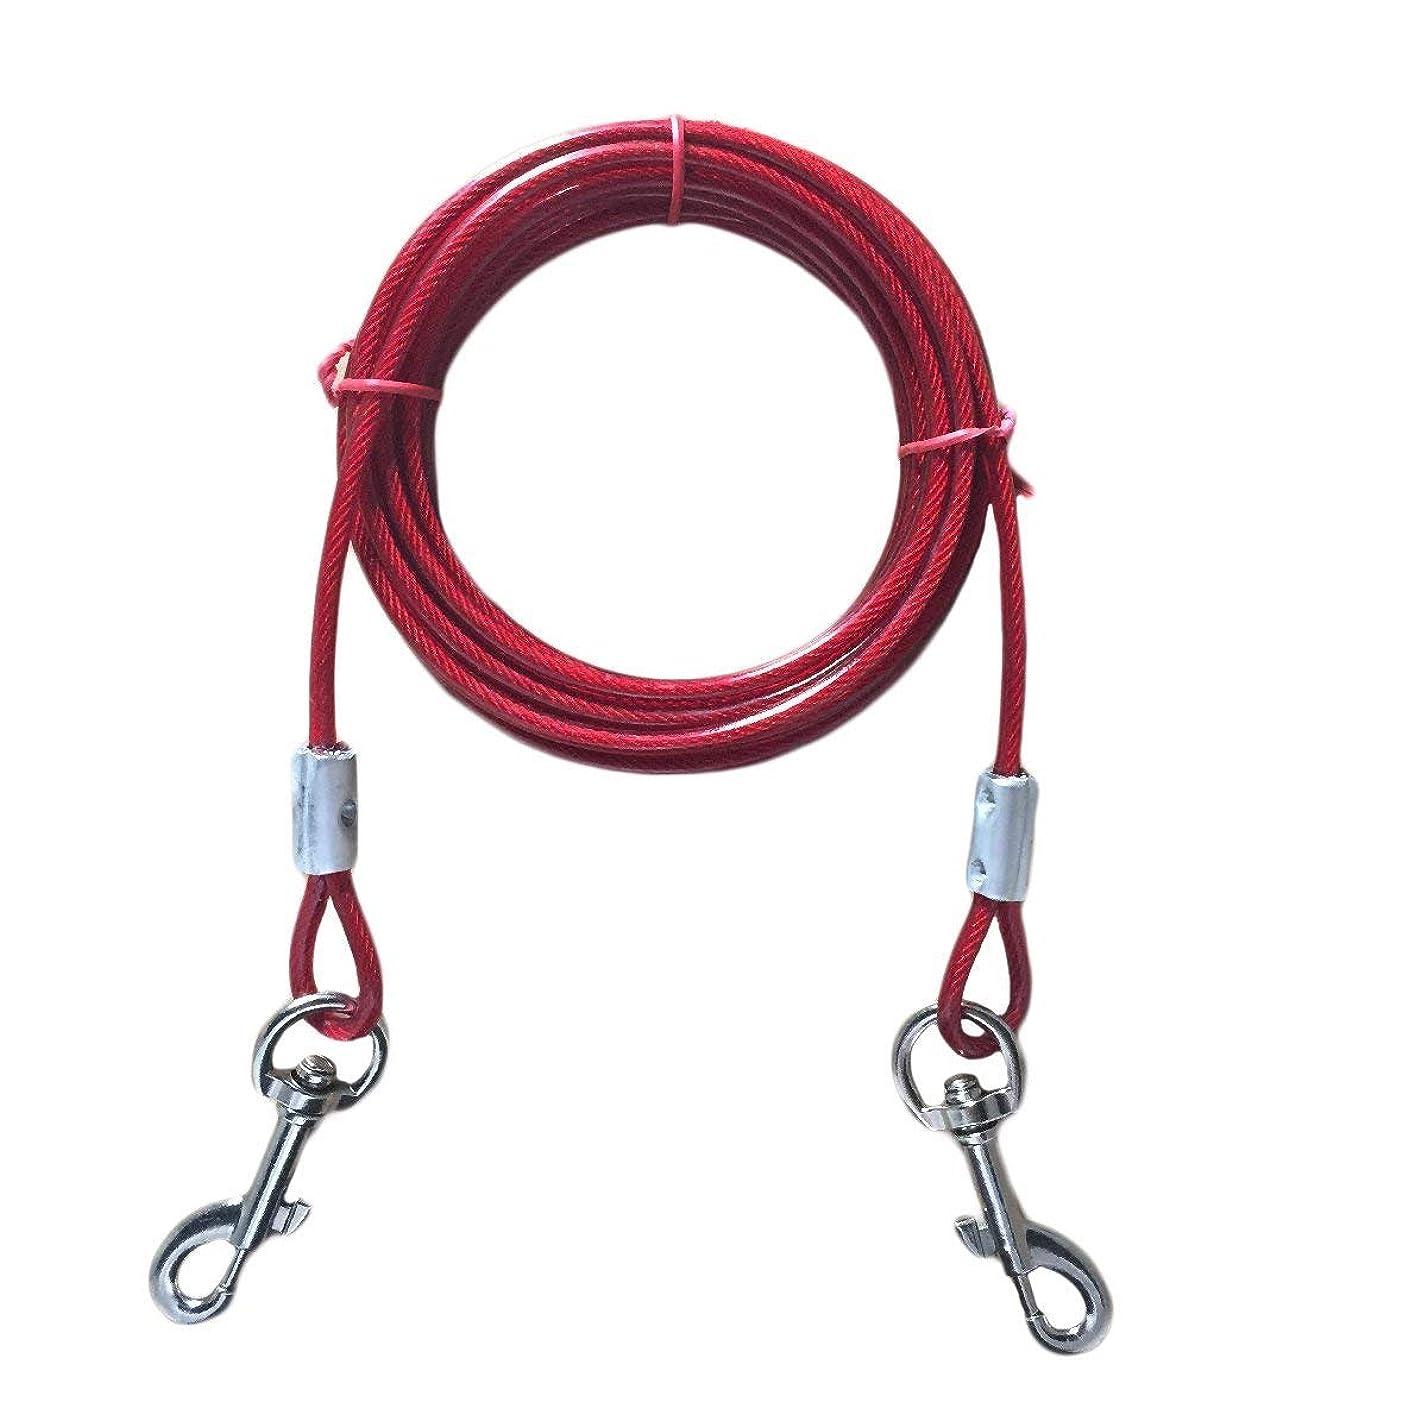 故障中移行有名SUYPITE 犬のつままれケーブル、二重ヘッド付きの鋼線ロープを引っ張る3M 5M 10M長 (レッド, 10M)